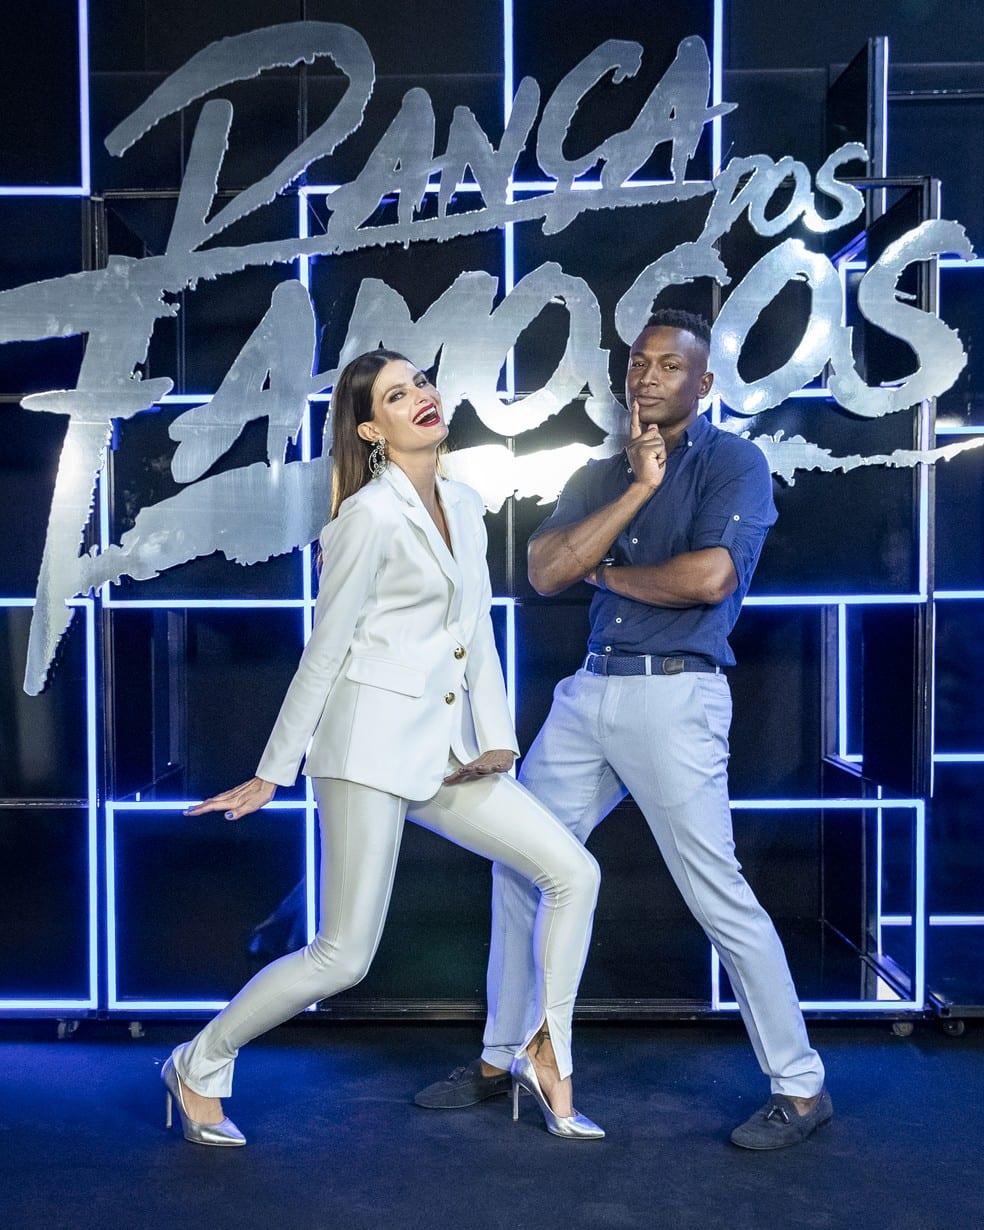 Isabeli Fontana e Igor Maximiliano em pose de dança.